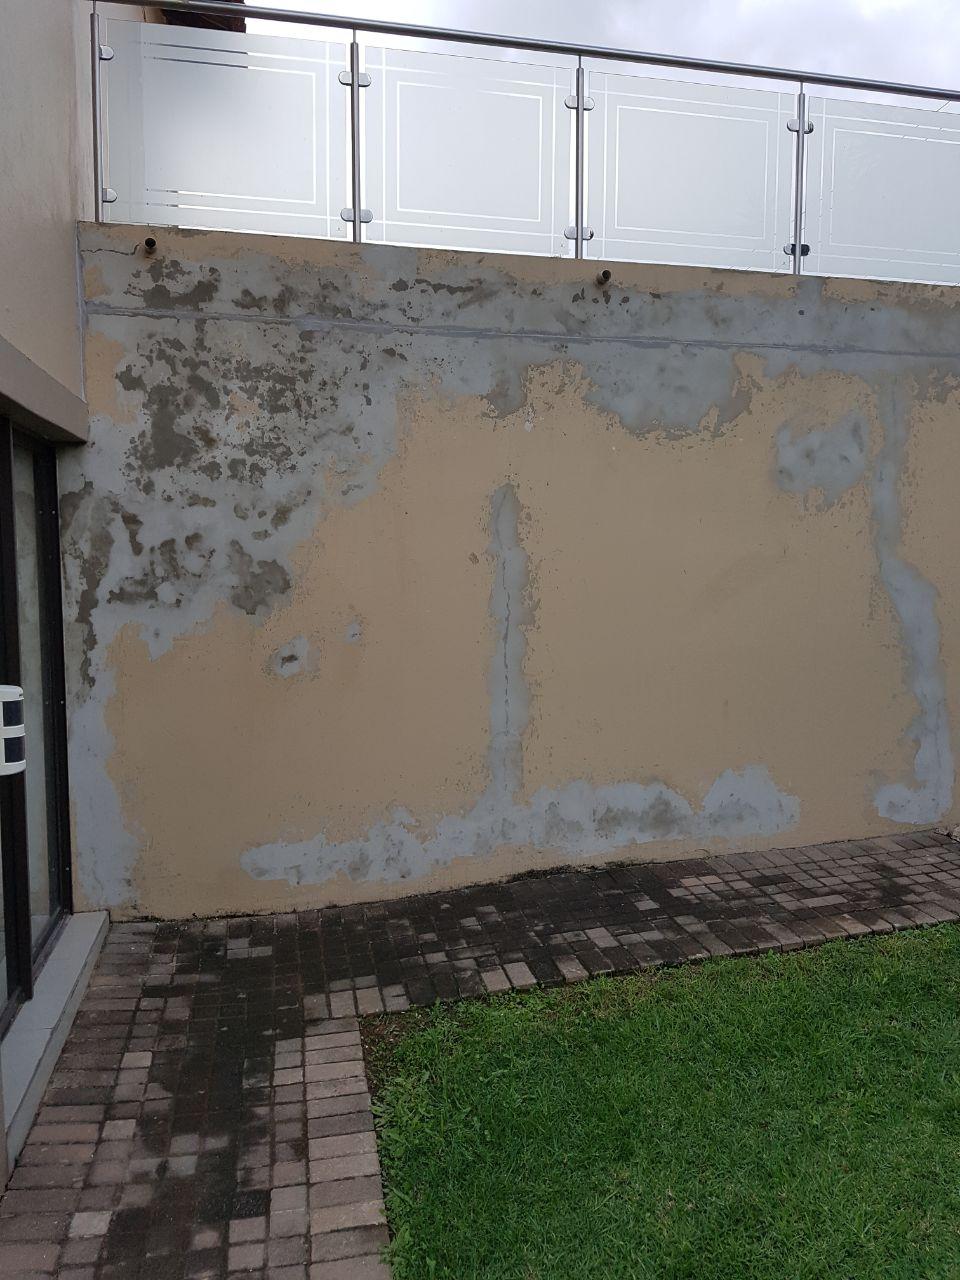 damp damaged wall repair